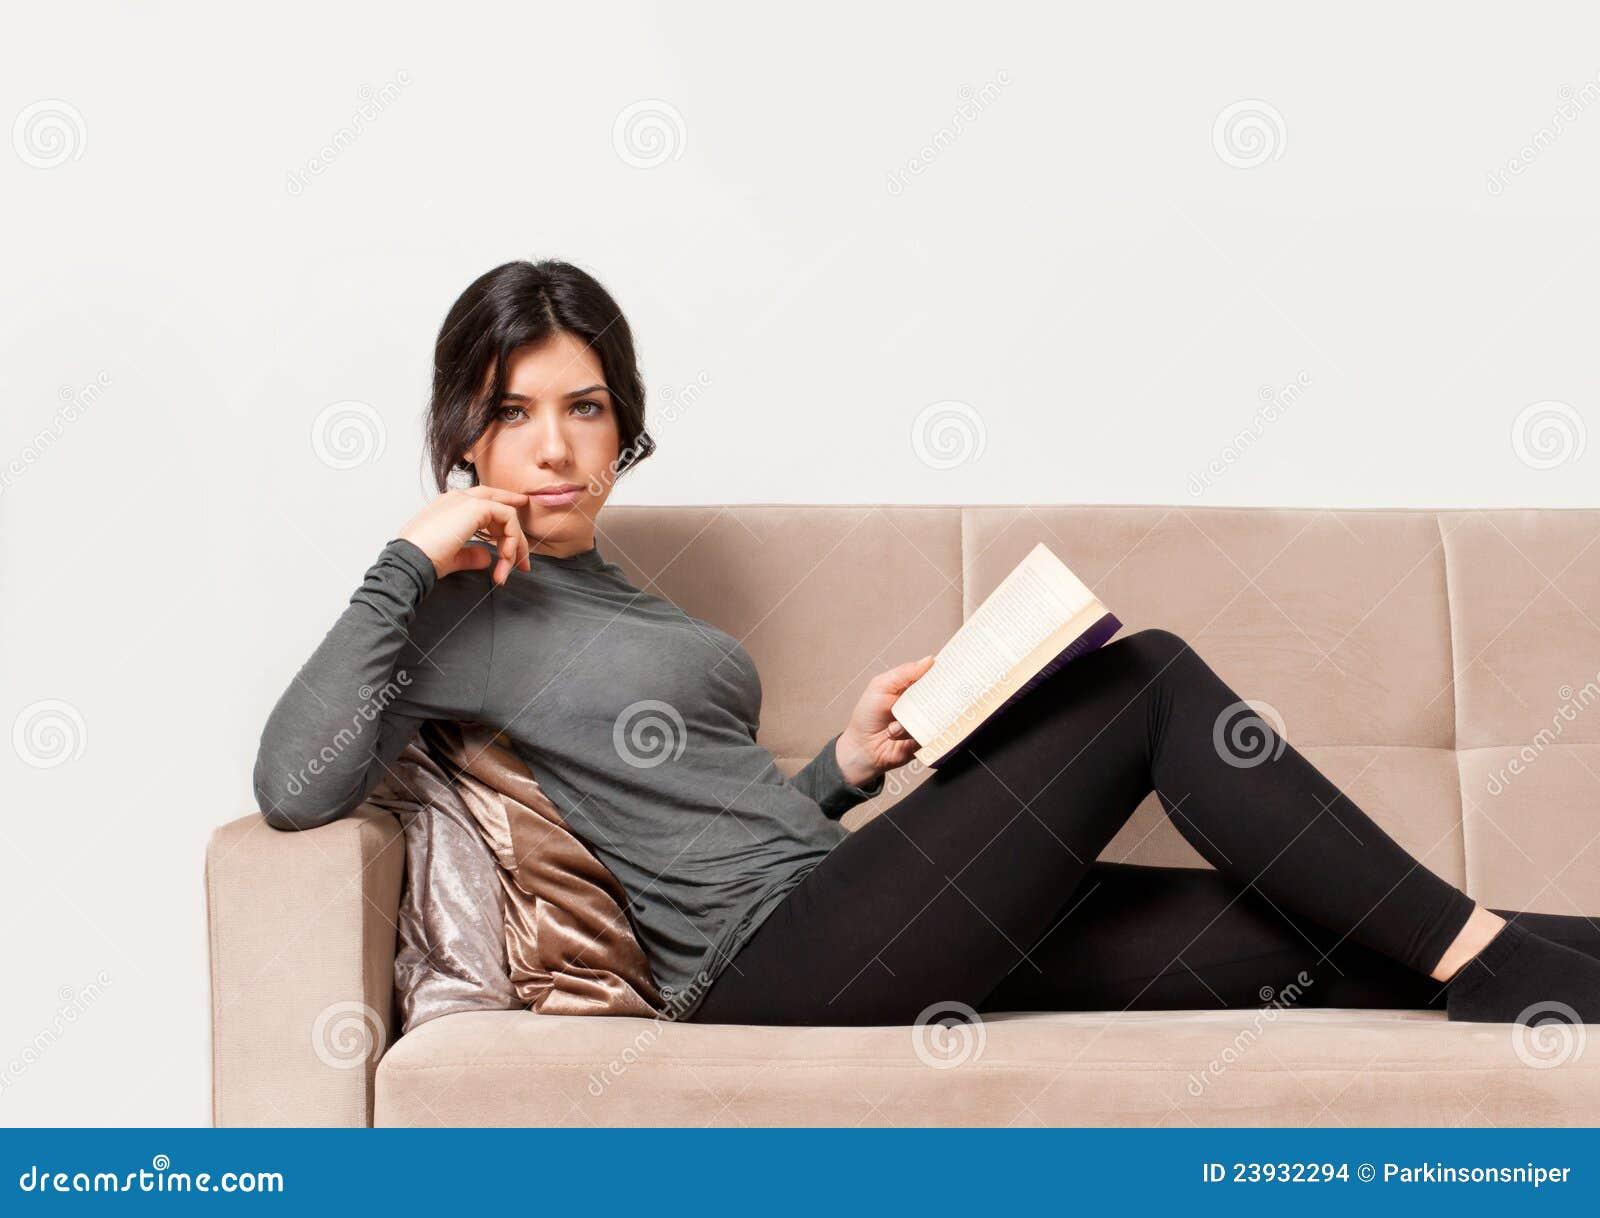 Repos sur le divan